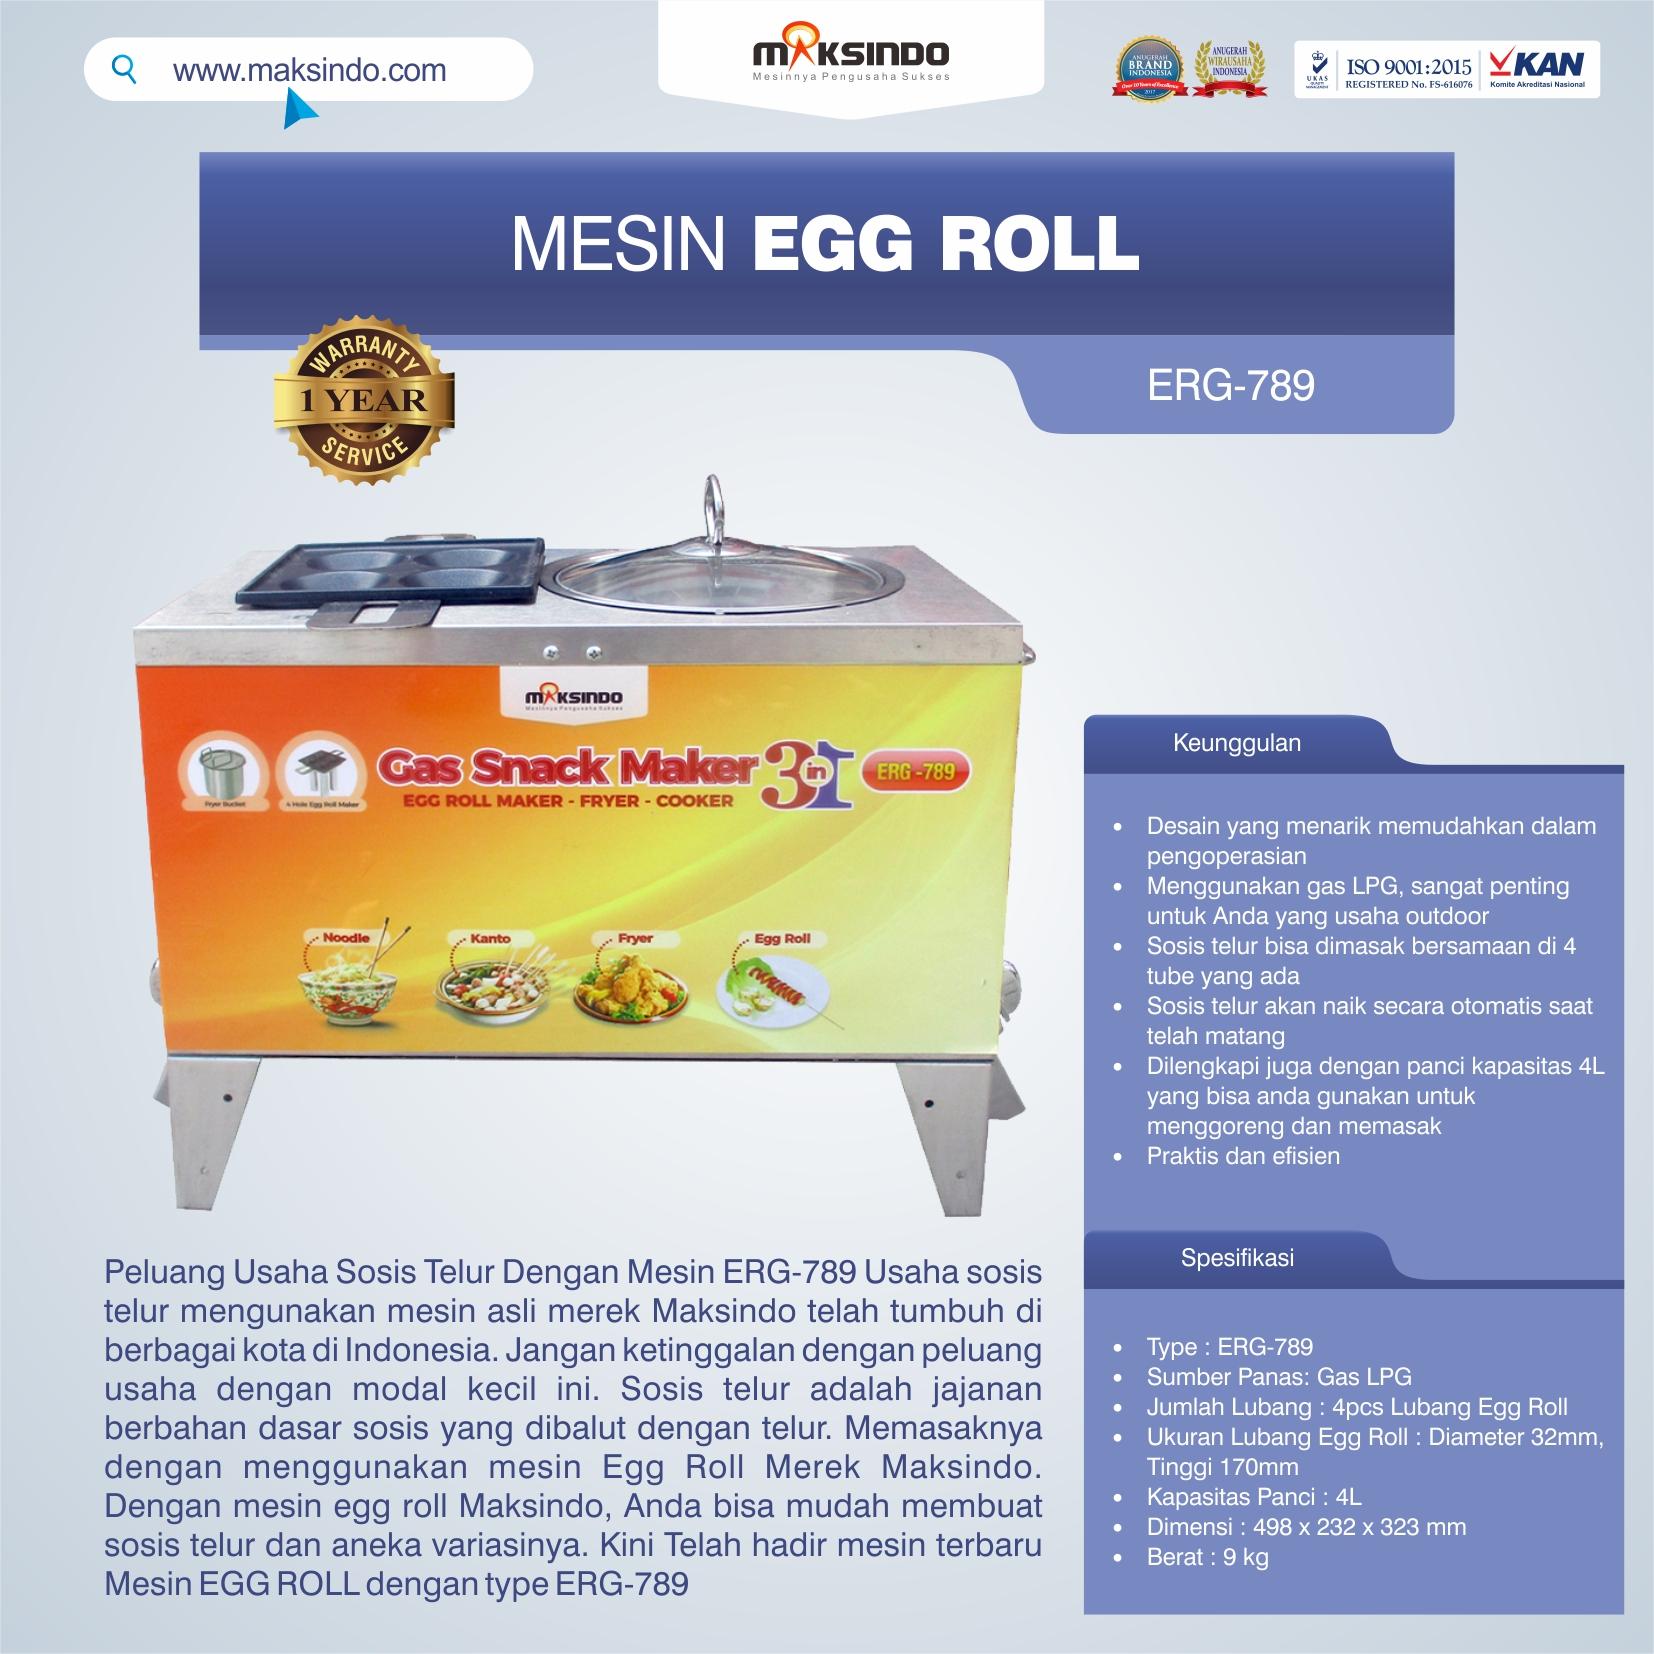 Jual Mesin Egg Roll ERG-789 di Bakasi